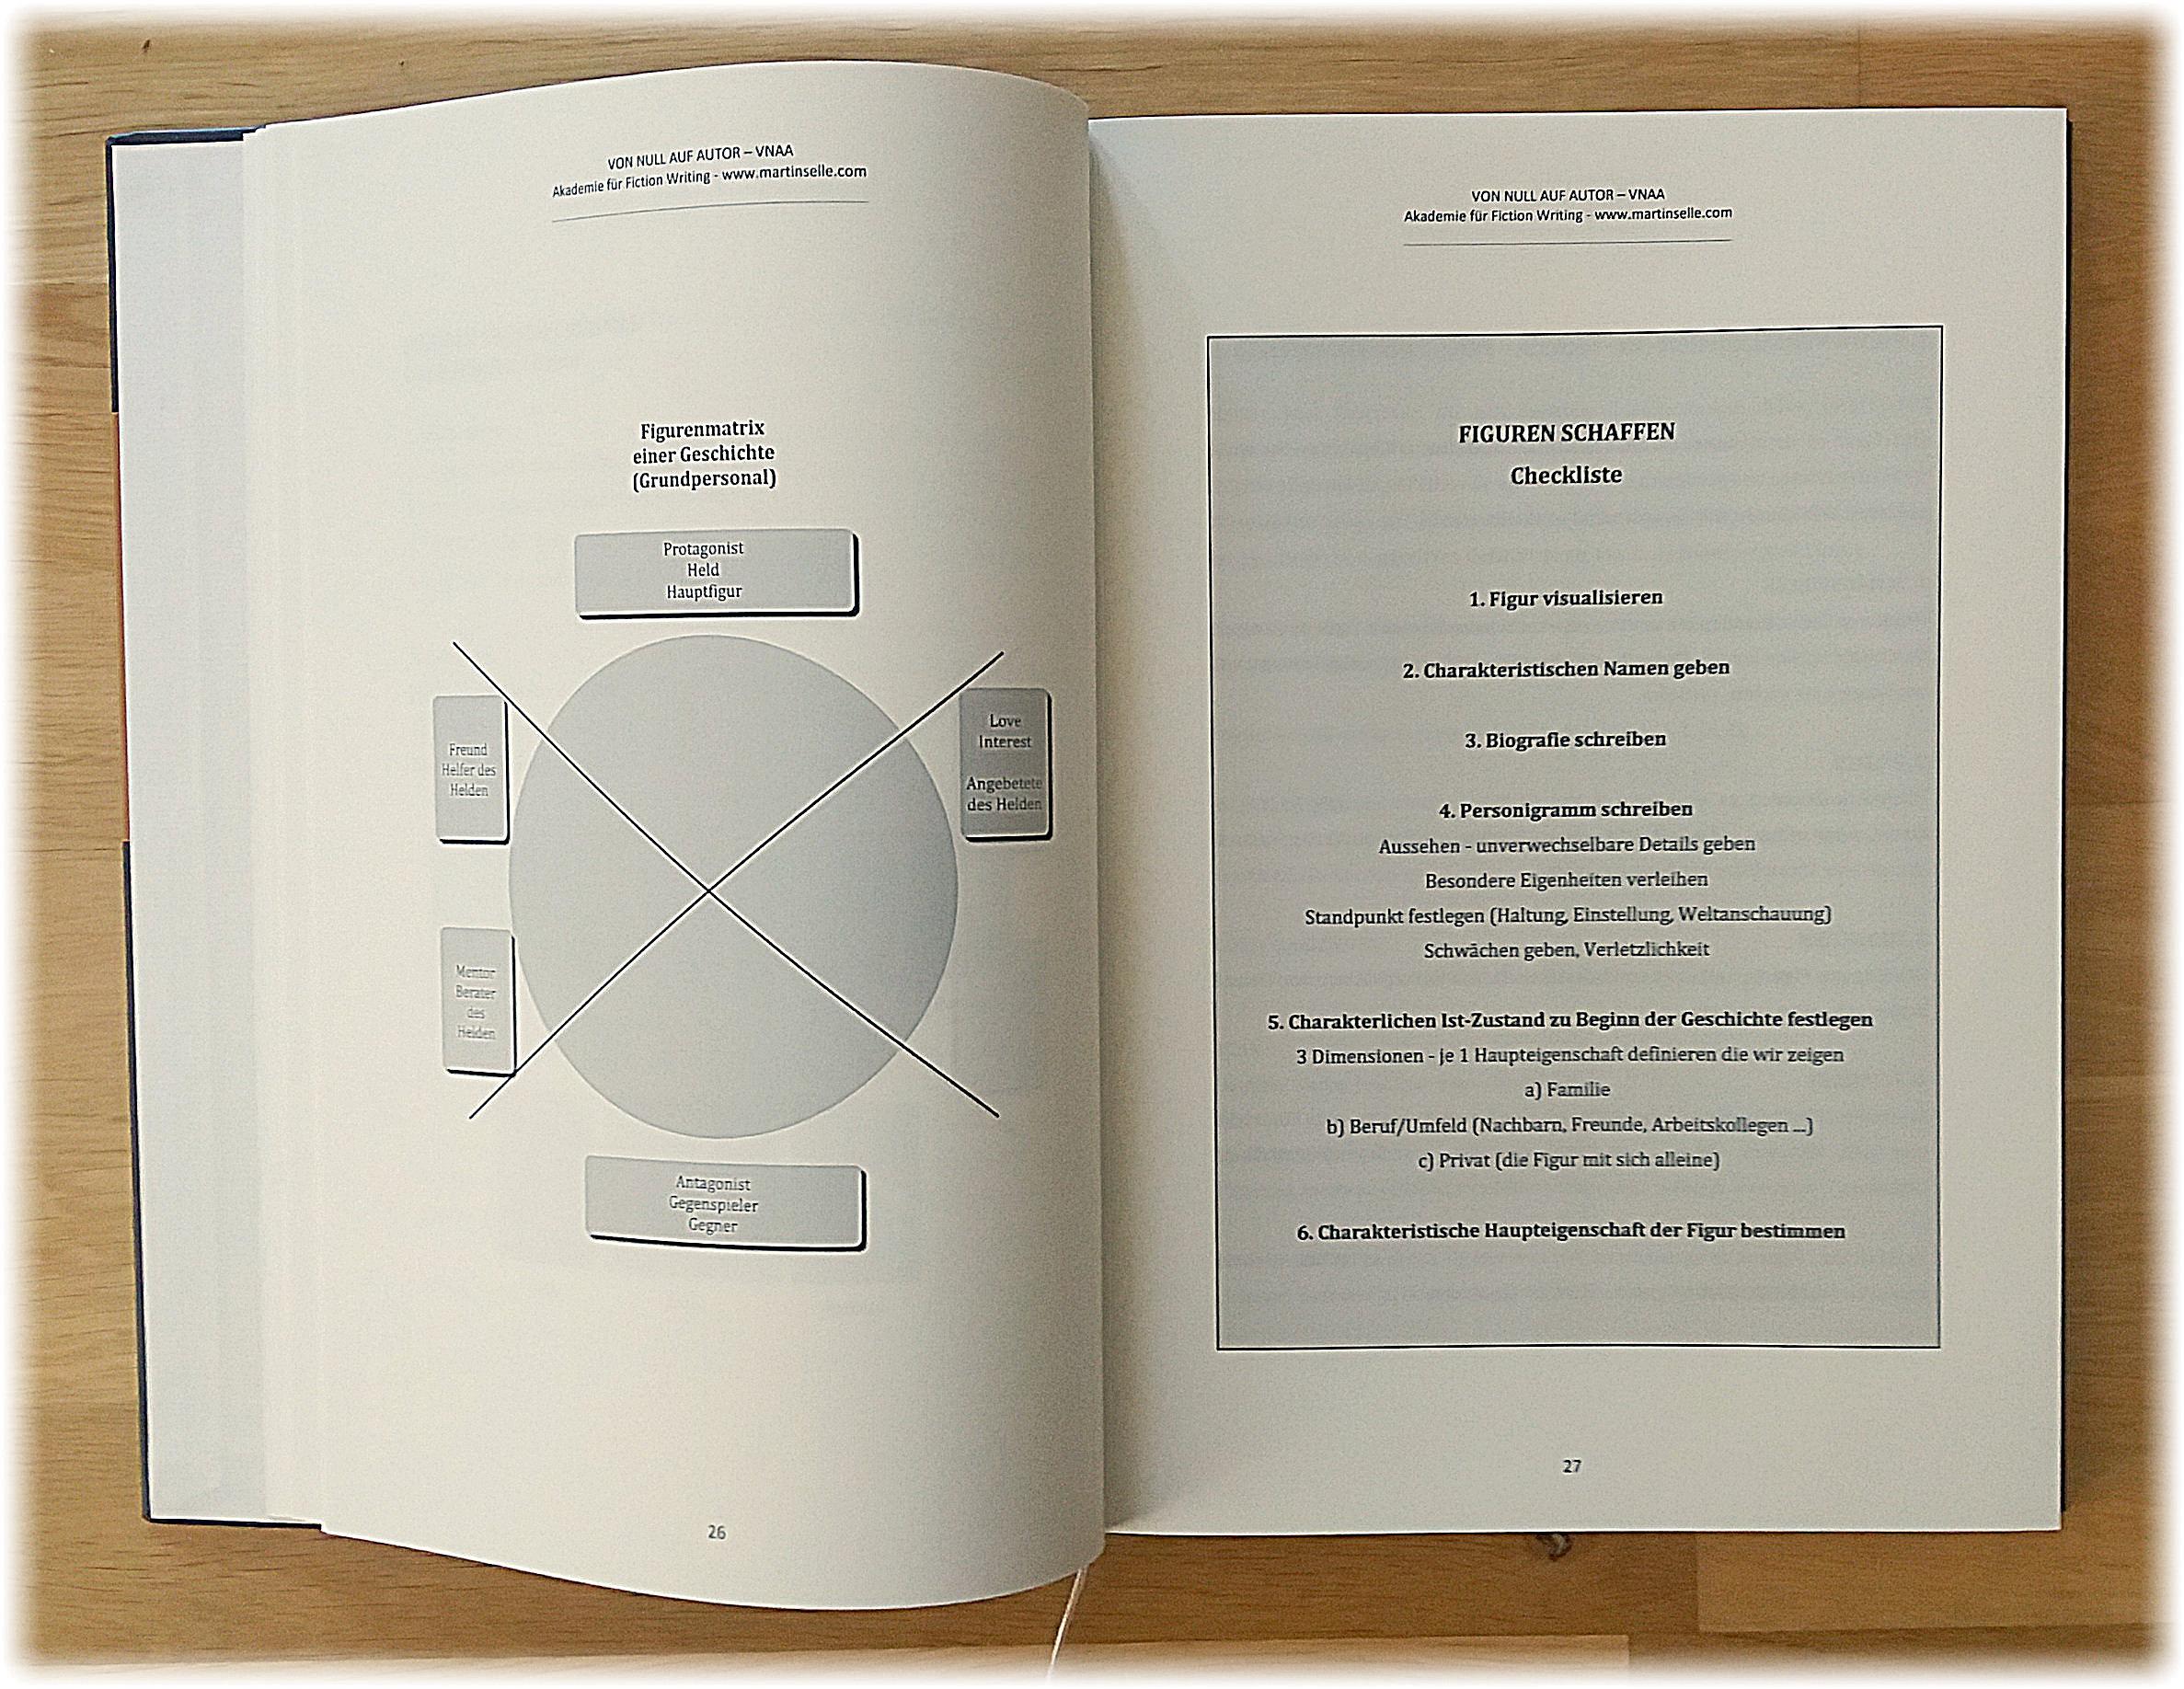 Einfache Checklisten fassen die Inhalte kurz, konkret und übersichtlich zusammen. JETZT KLICKEN!